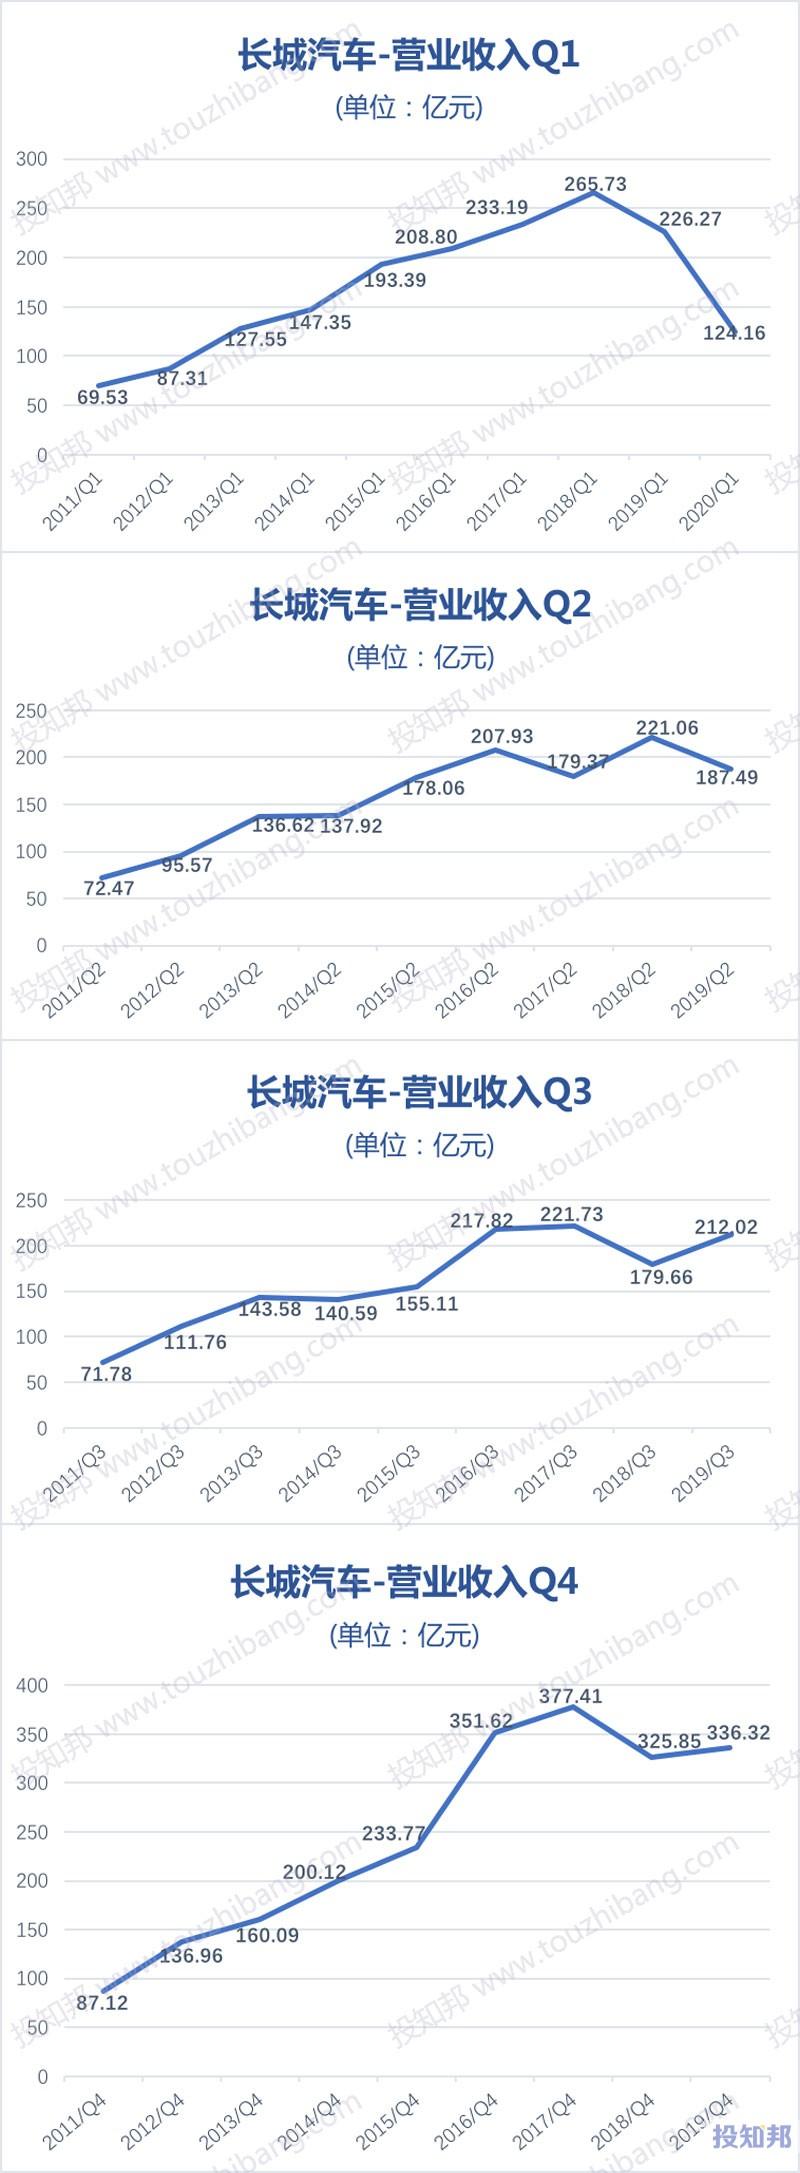 长城汽车(601633)财报数据图示(2011年~2020年Q1,更新)